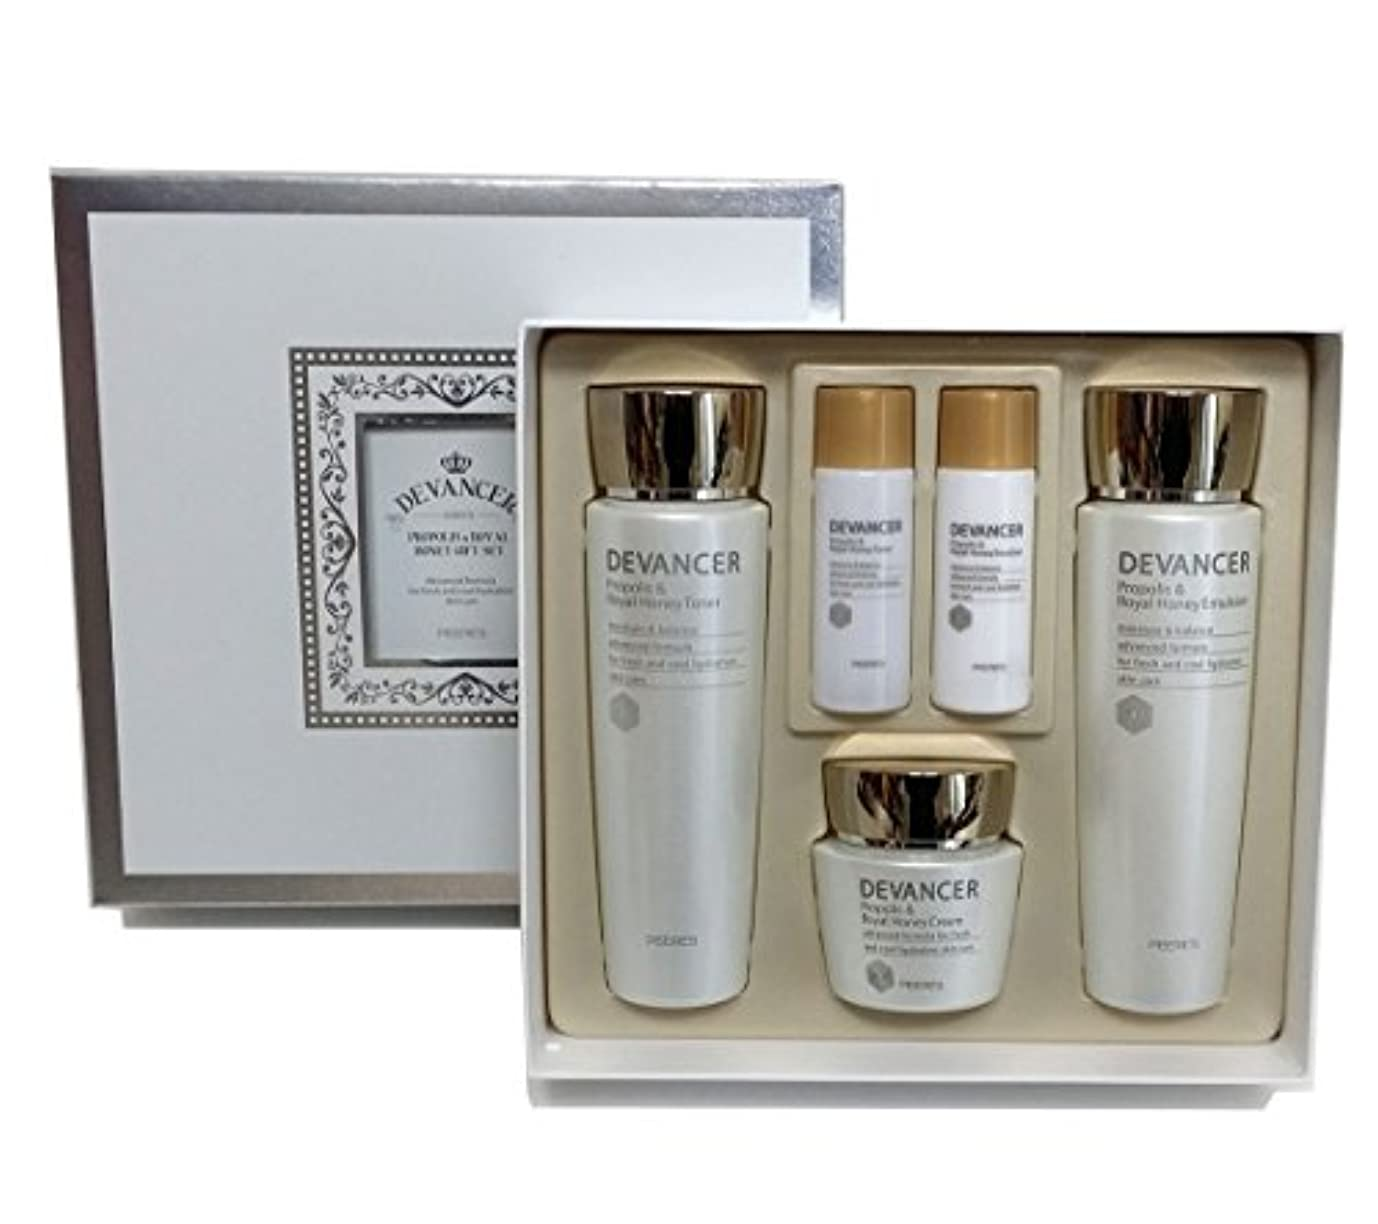 トンネル予想外桃[DEVANCER] プロポリス&ロイヤルハニーギフトスキンケアセット/Propolis & Royal Honey gift Skincare set/水分、ホワイトニング/moisture,whitening/韓国の...